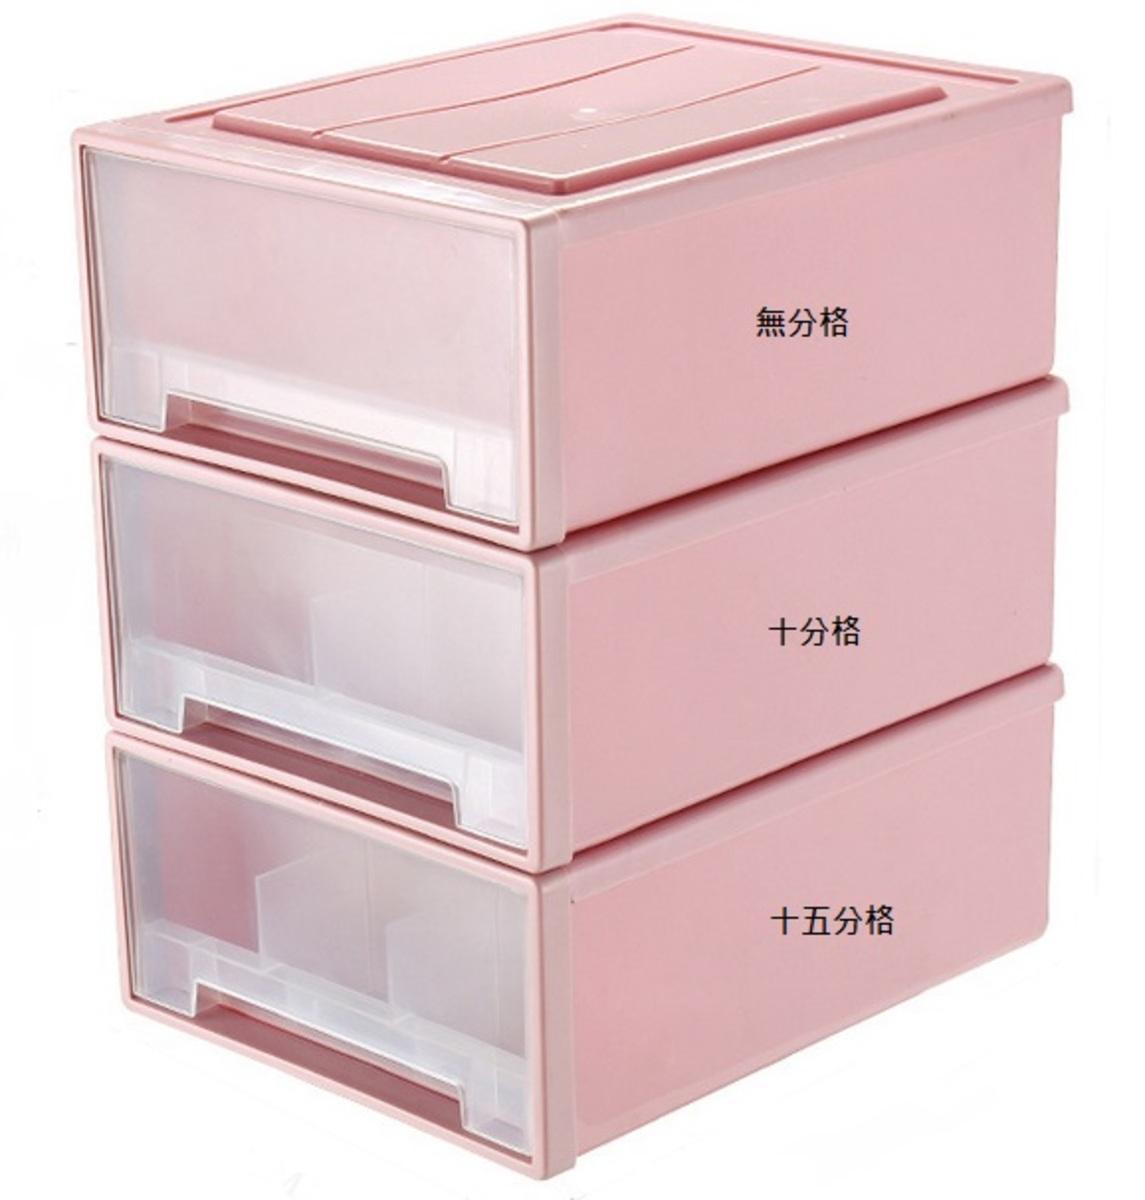 多用途內衣收納箱三個套裝-粉紅色(JG12-PK)